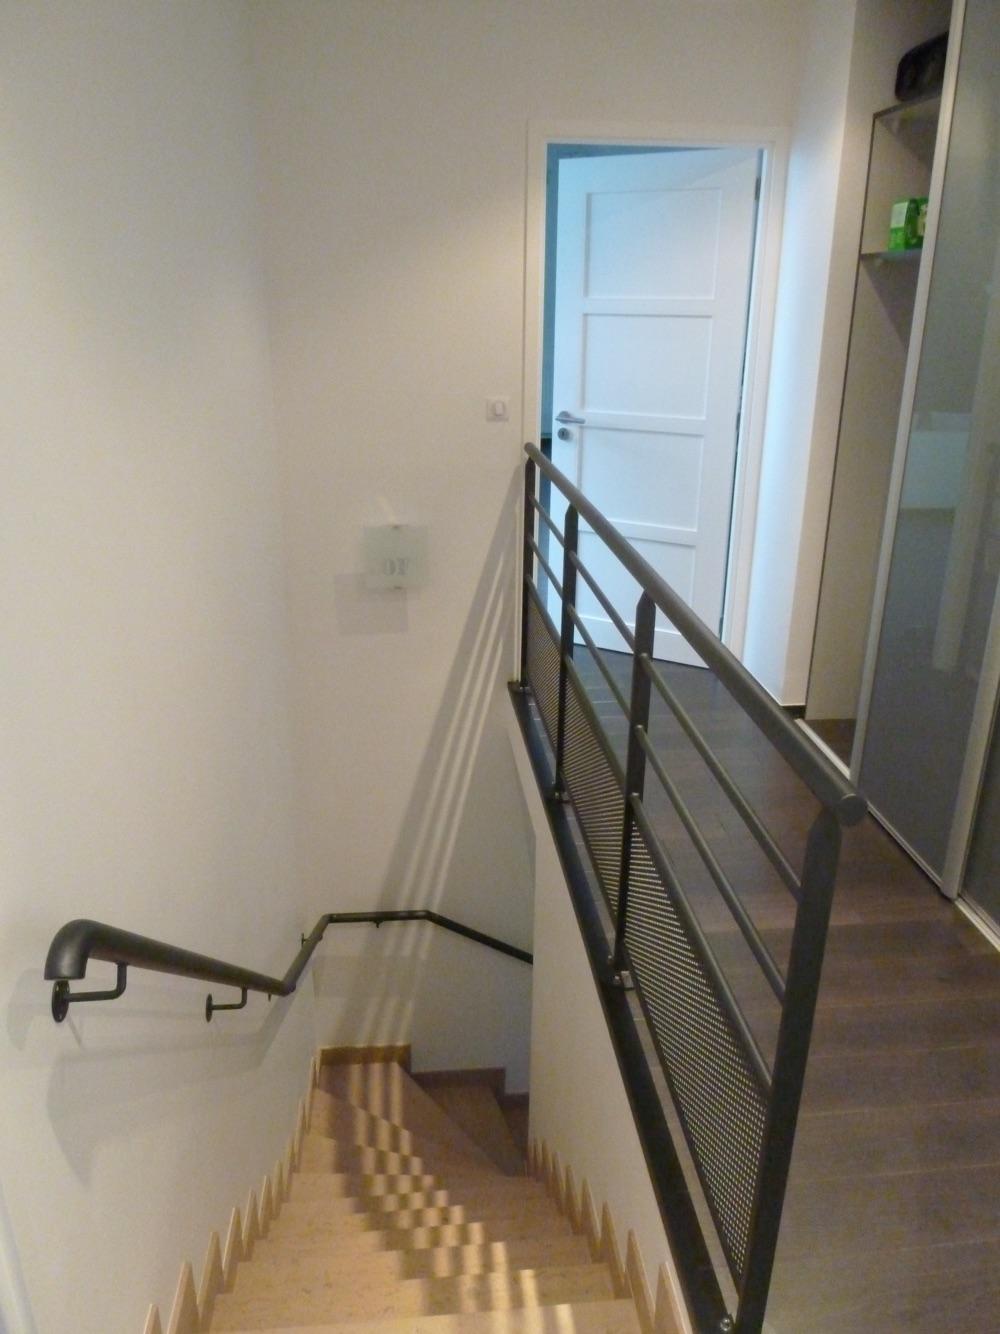 Escalier intérieur pour accès à l'étage d'une maison moderne